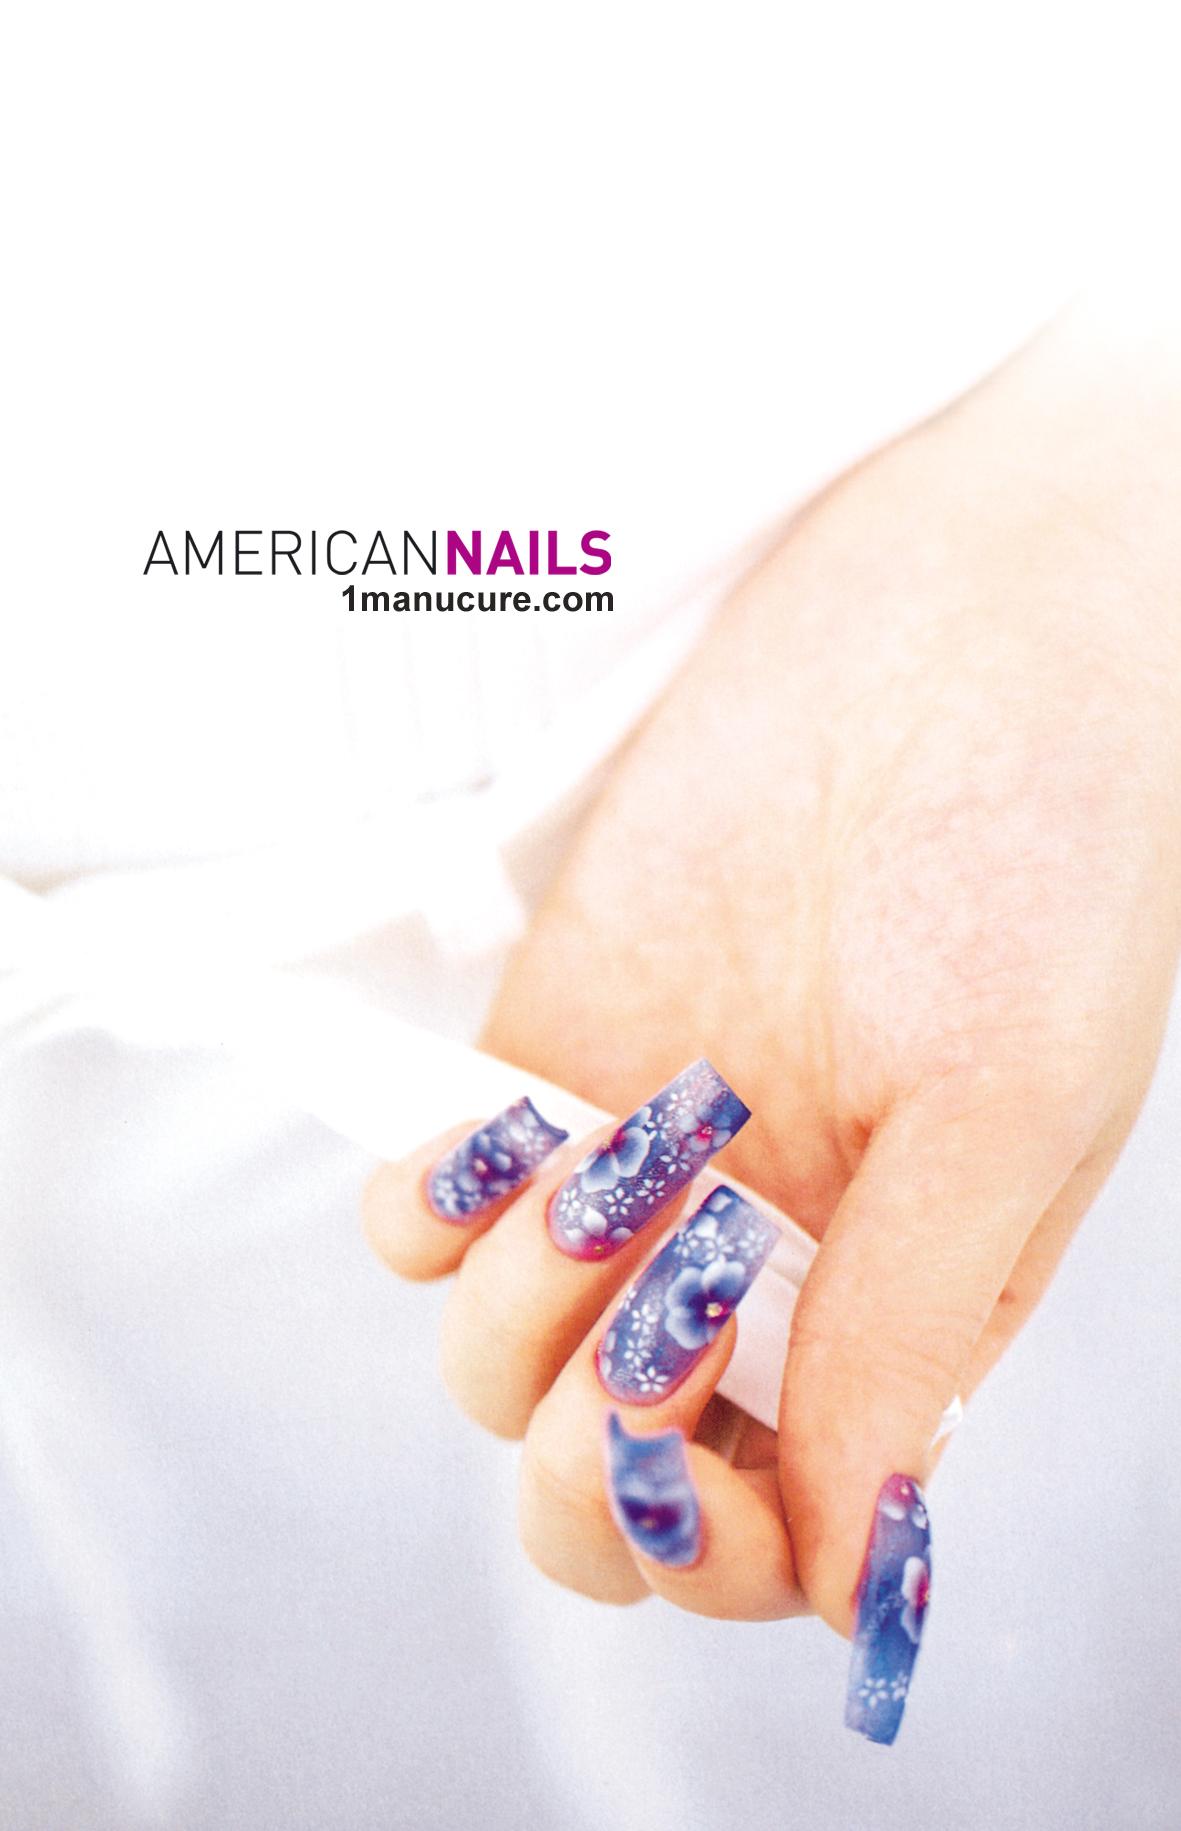 Manucure - video nail art - déco d'ongles